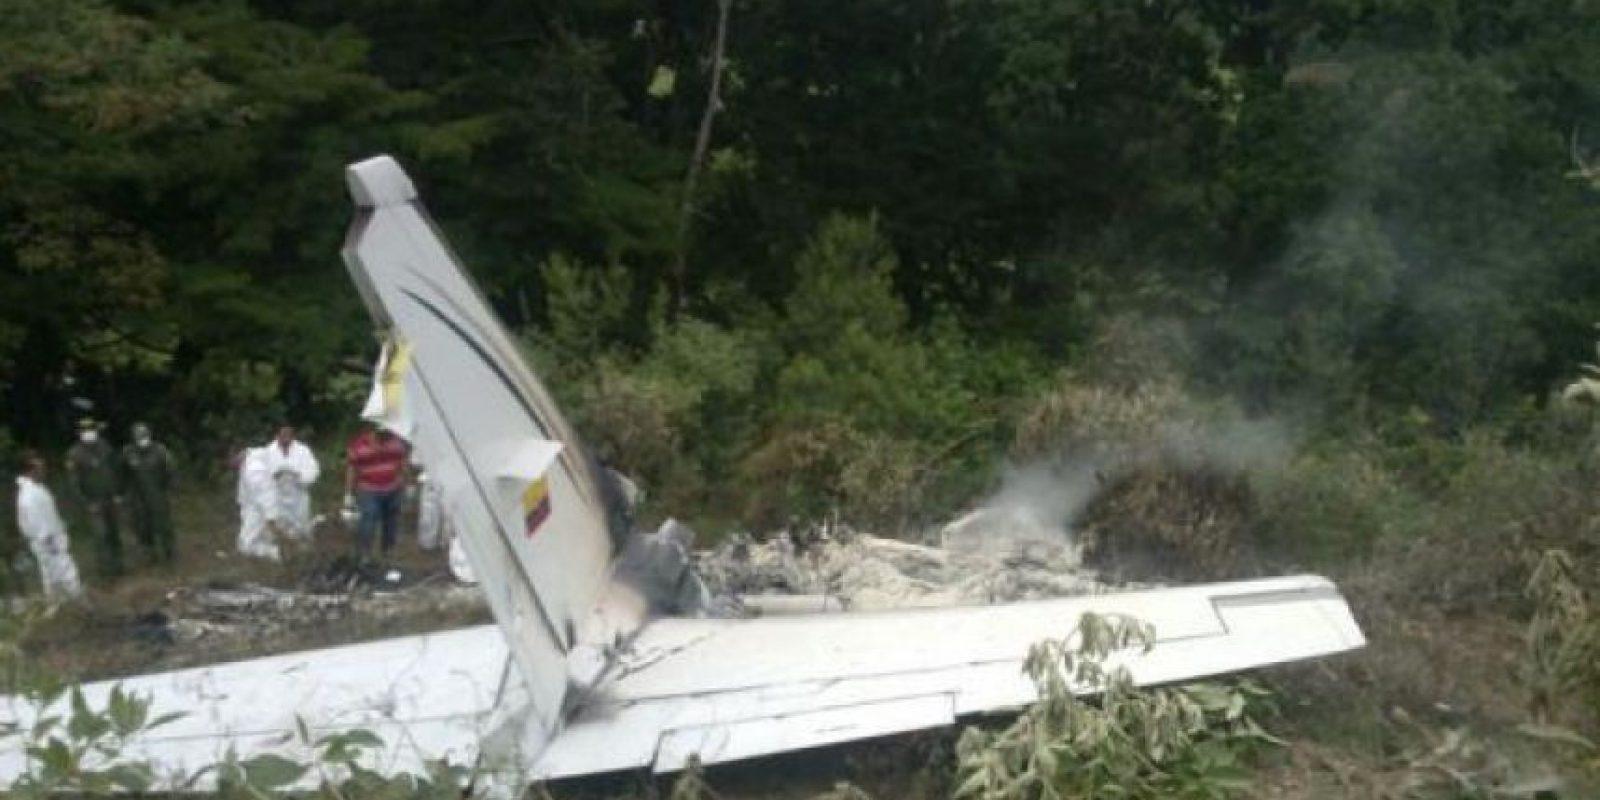 La aeronave había partido de Bogotá, rumbo a Chocó. Foto:El Nuevo Día.